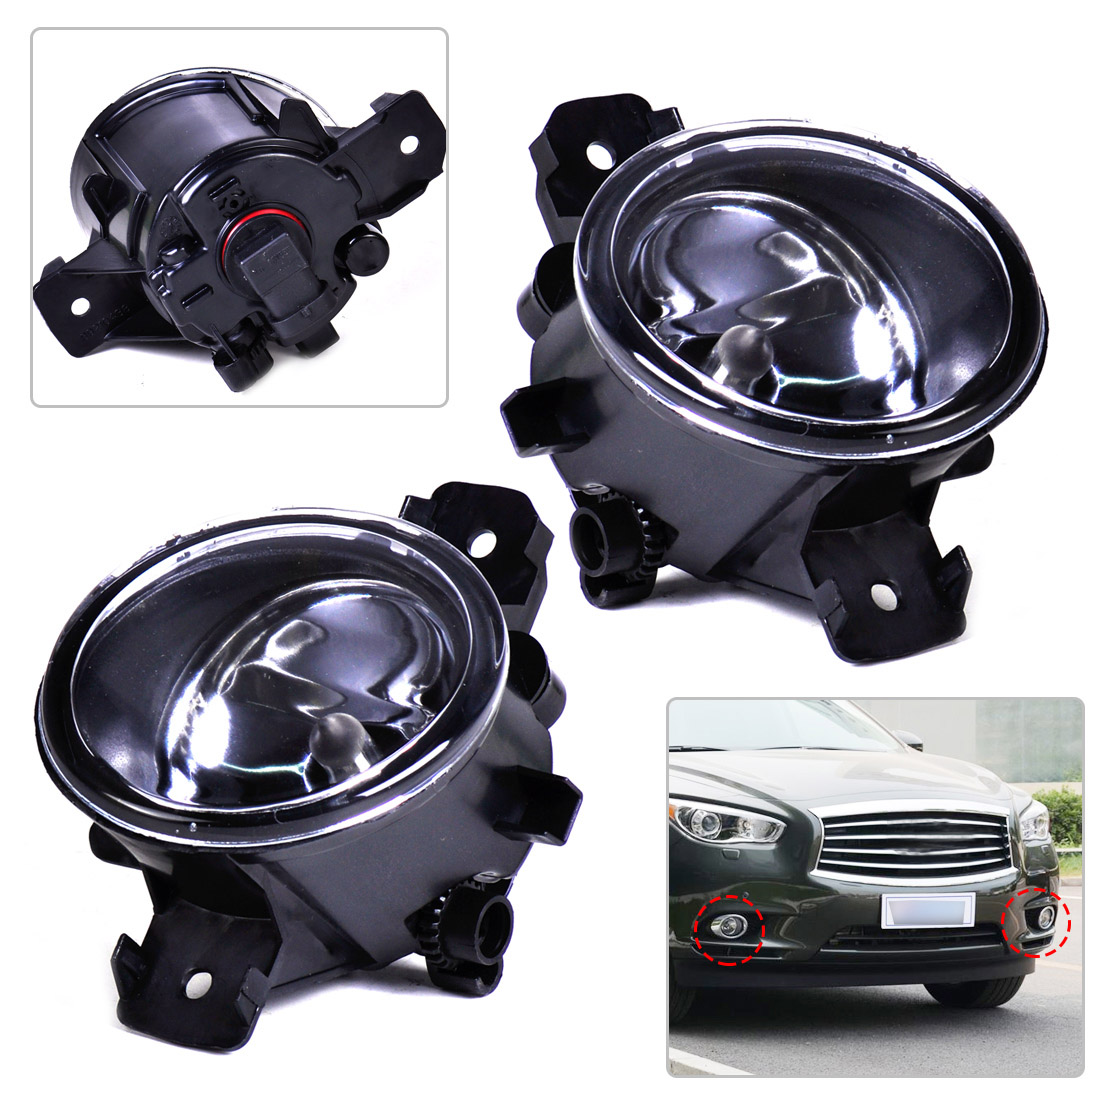 Nebel Licht Nebelscheinwerfer Nebellampe Fit Nissan Pathfinder Sentra Rogue